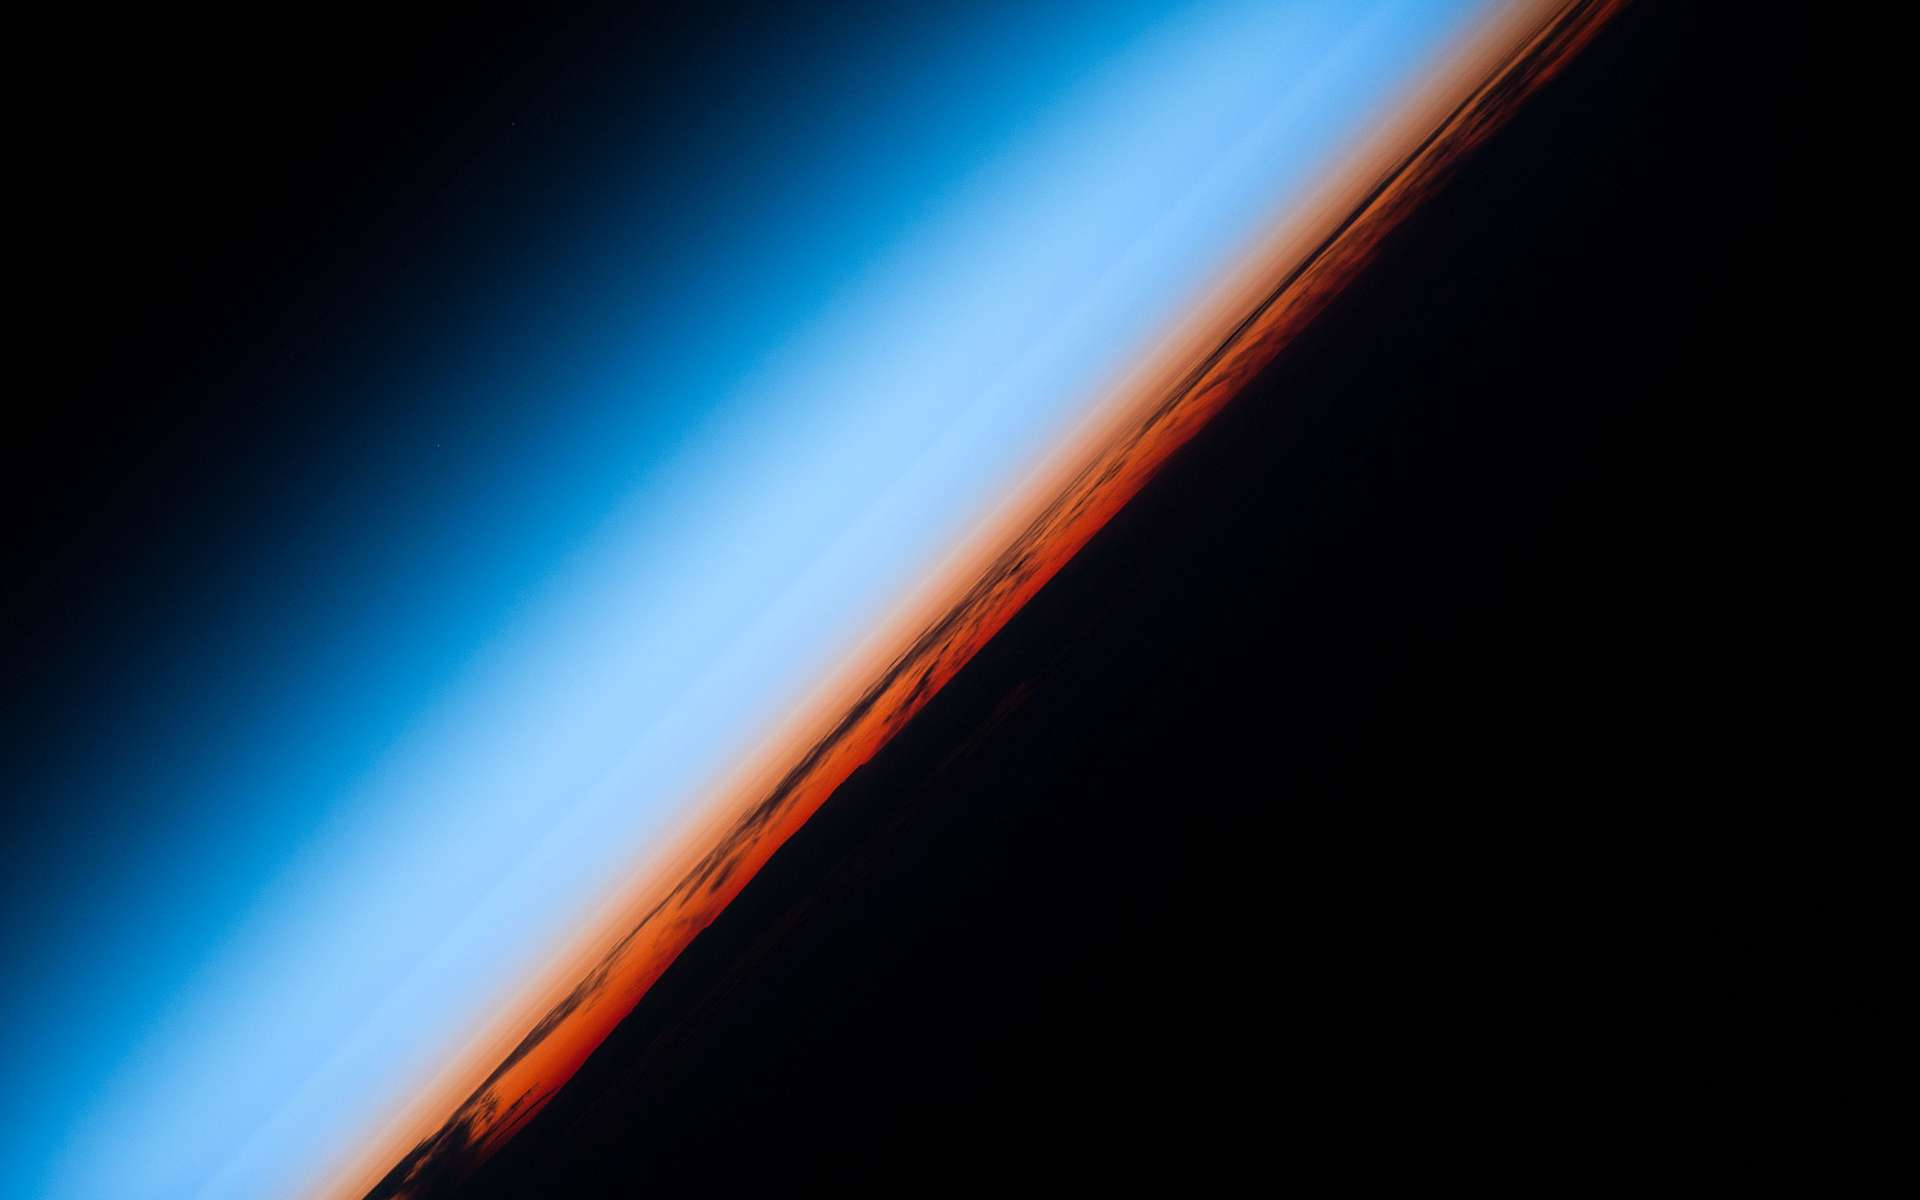 La Chine vise le tourisme spatial. Ici, l'atmosphère terrestre et la frontière de l'espace vues depuis la Station spatiale internationale. © Nasa